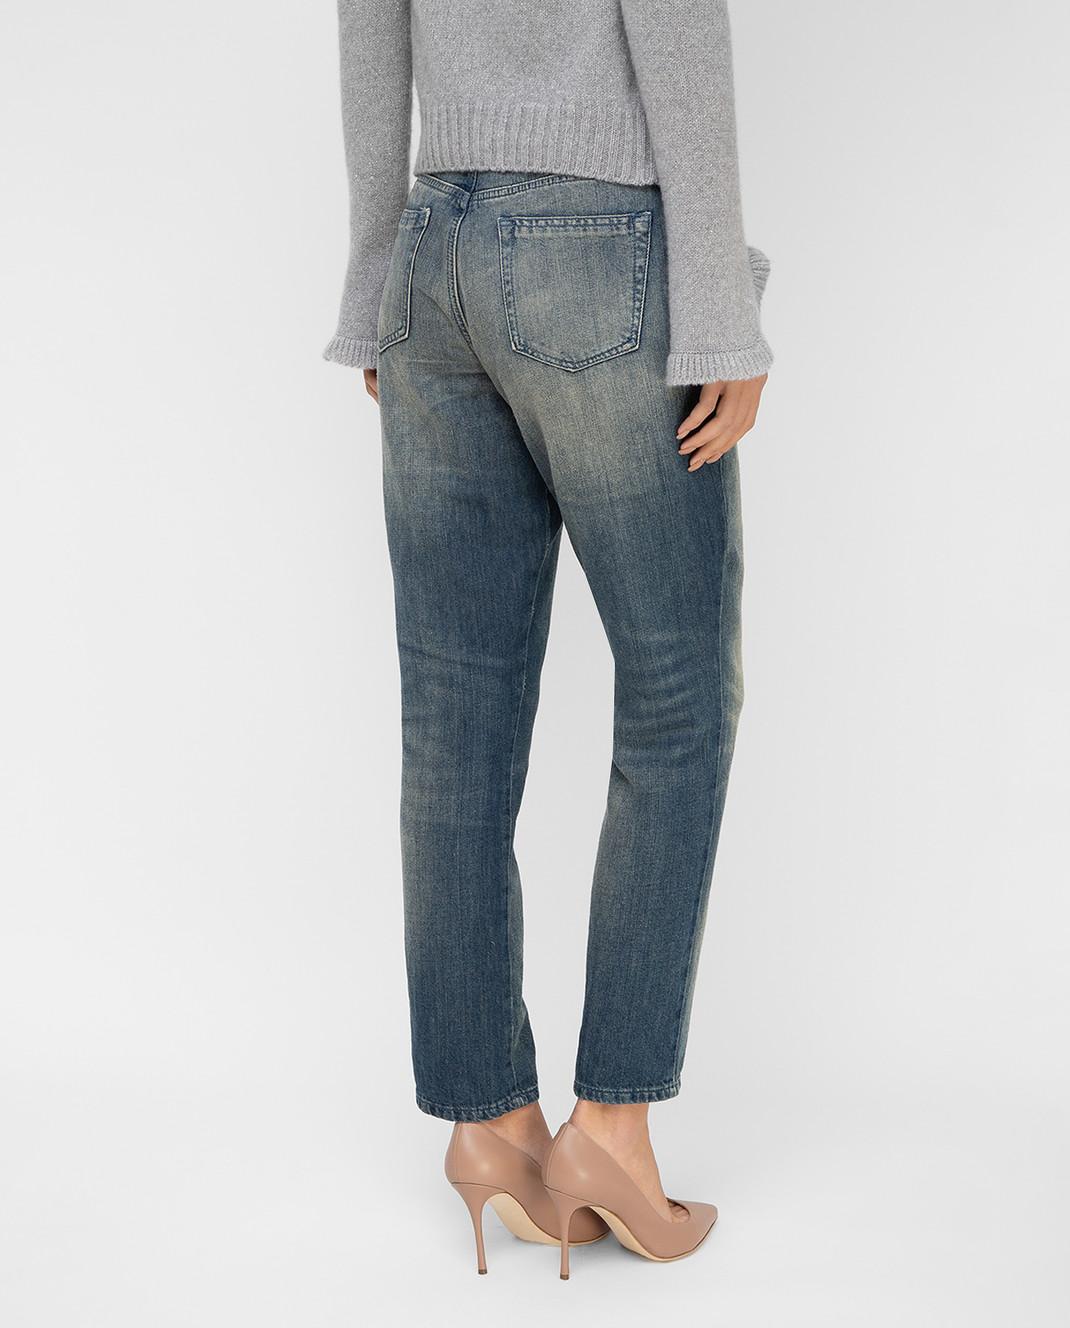 Twin Set Синие джинсы TS72MR изображение 4